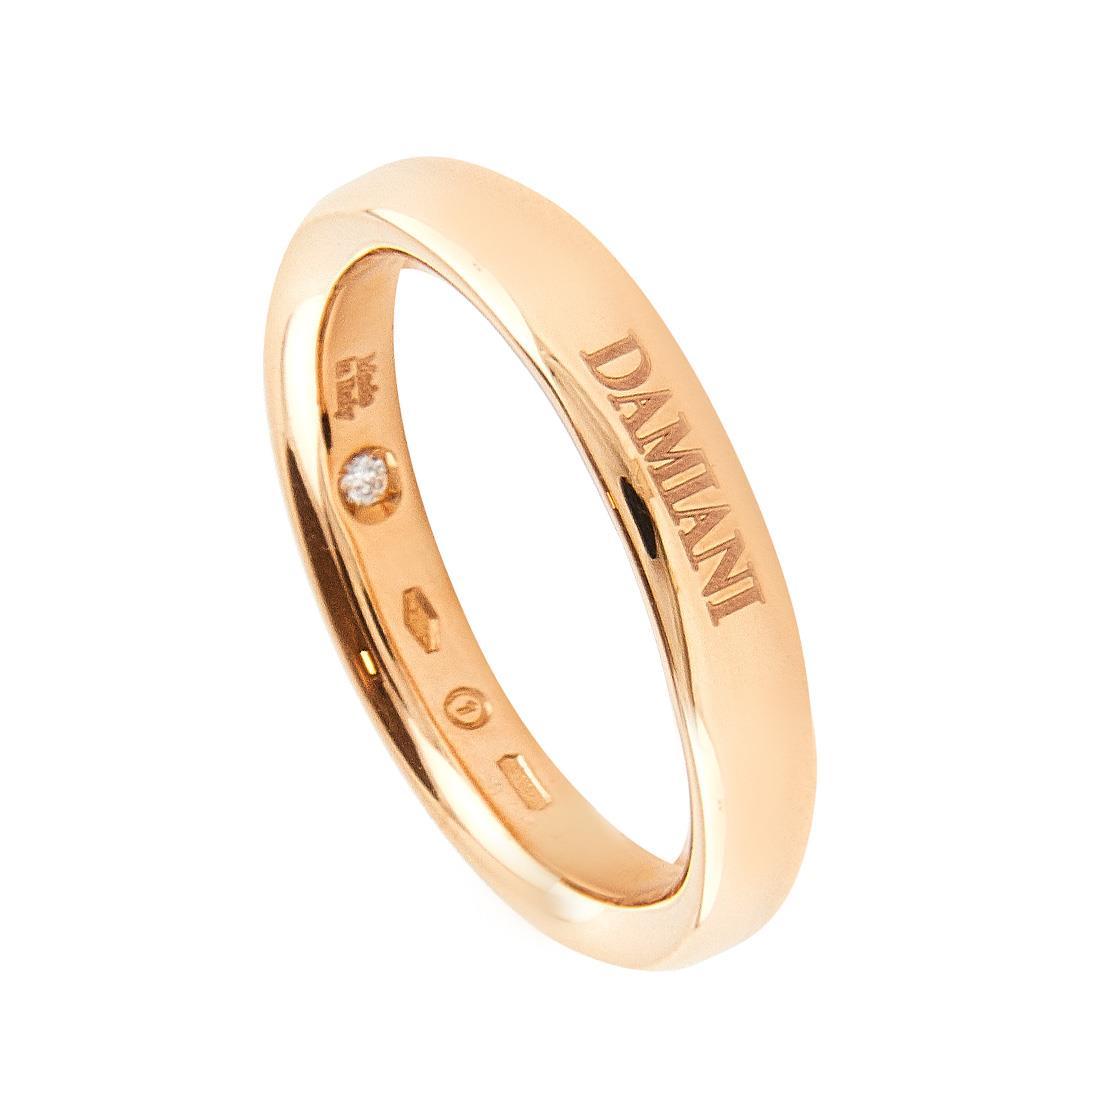 Anello in oro rosa con diamante ct 0.01, misura 13 - DAMIANI